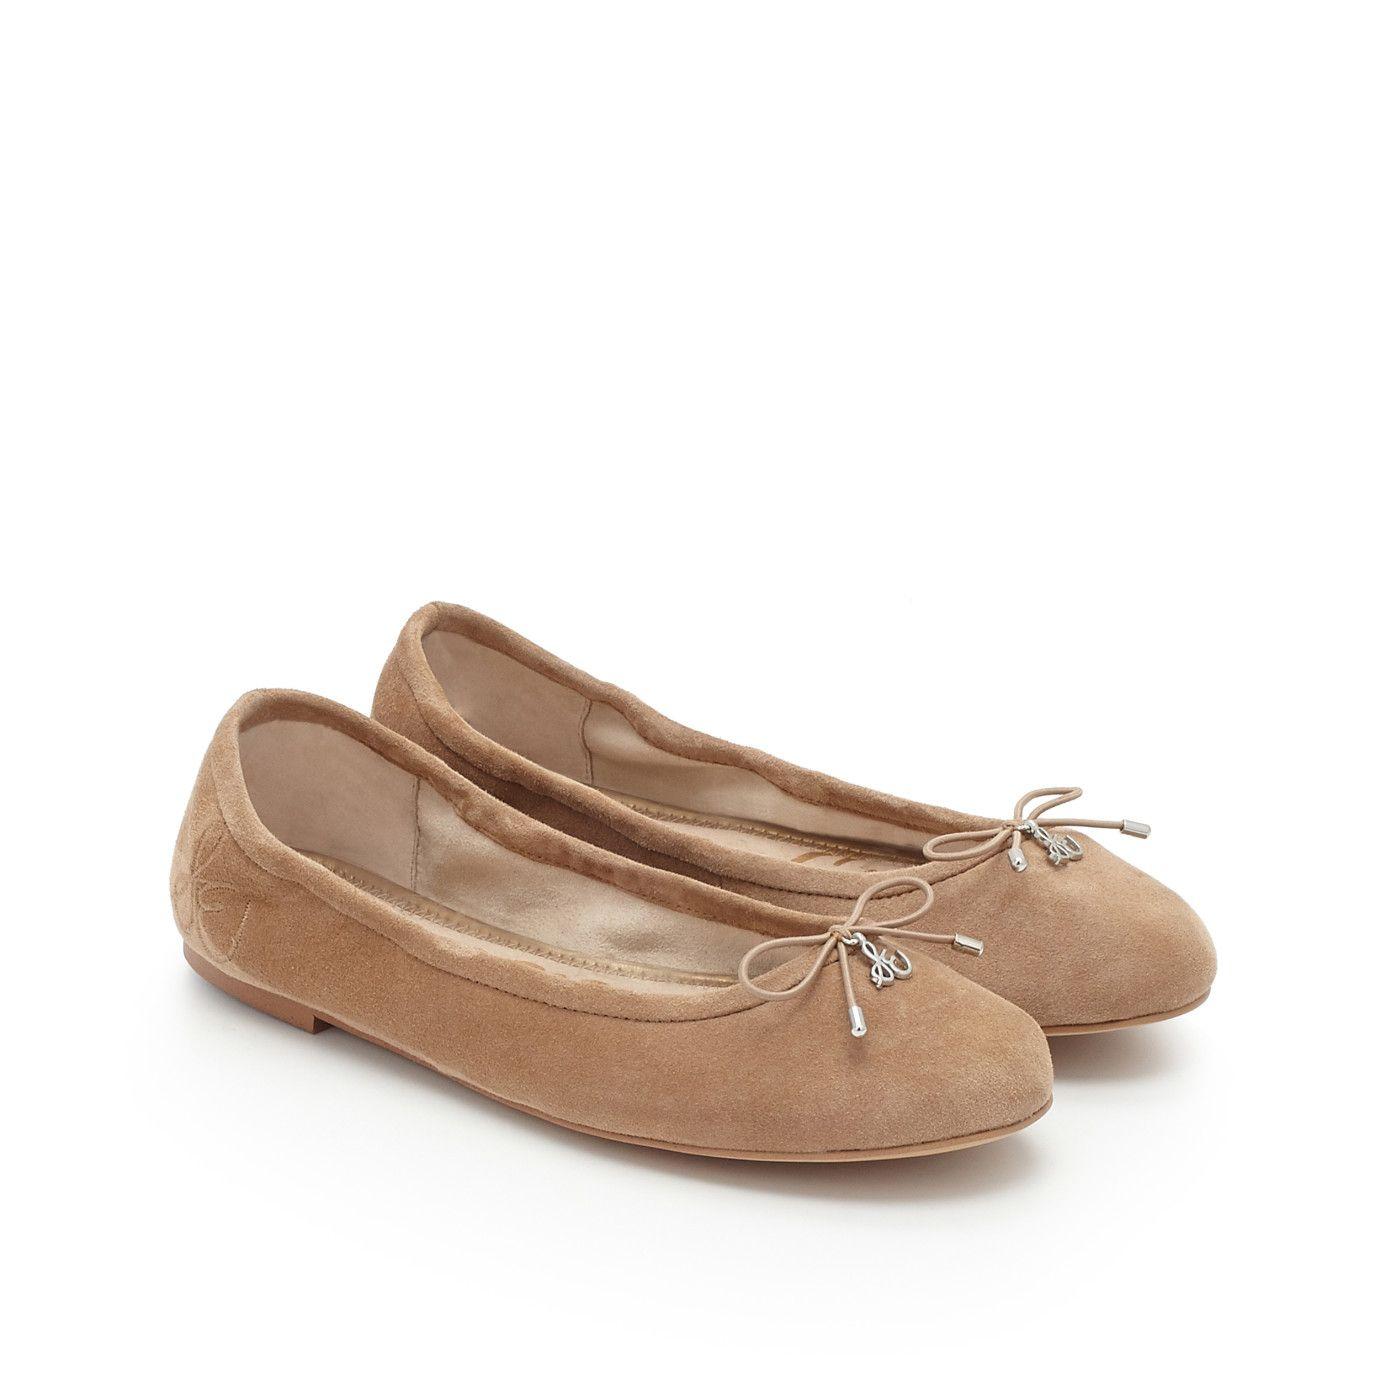 6726e7de266e Felicia Ballet Flat by Sam Edelman - Oatmeal Suede -  48 on sale